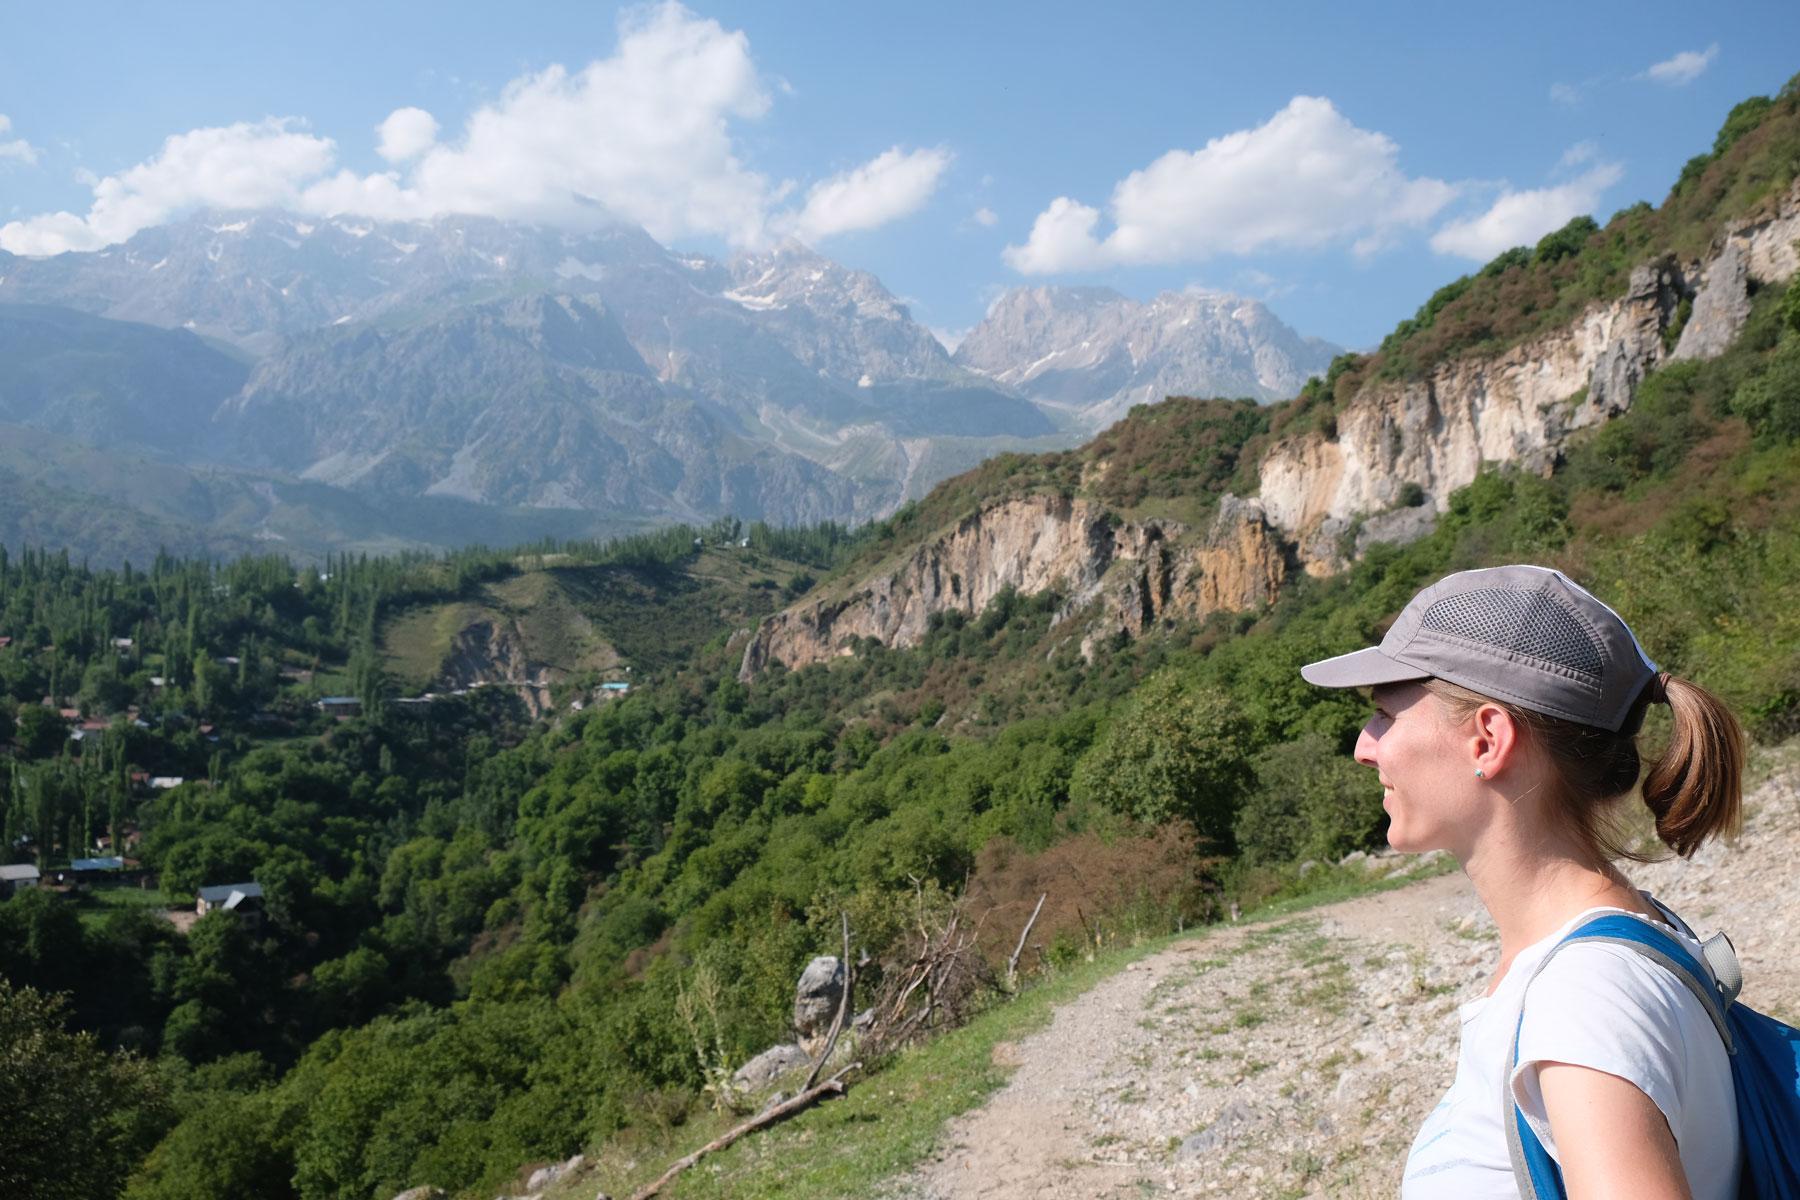 Leo blickt auf ein Bergpanorama.